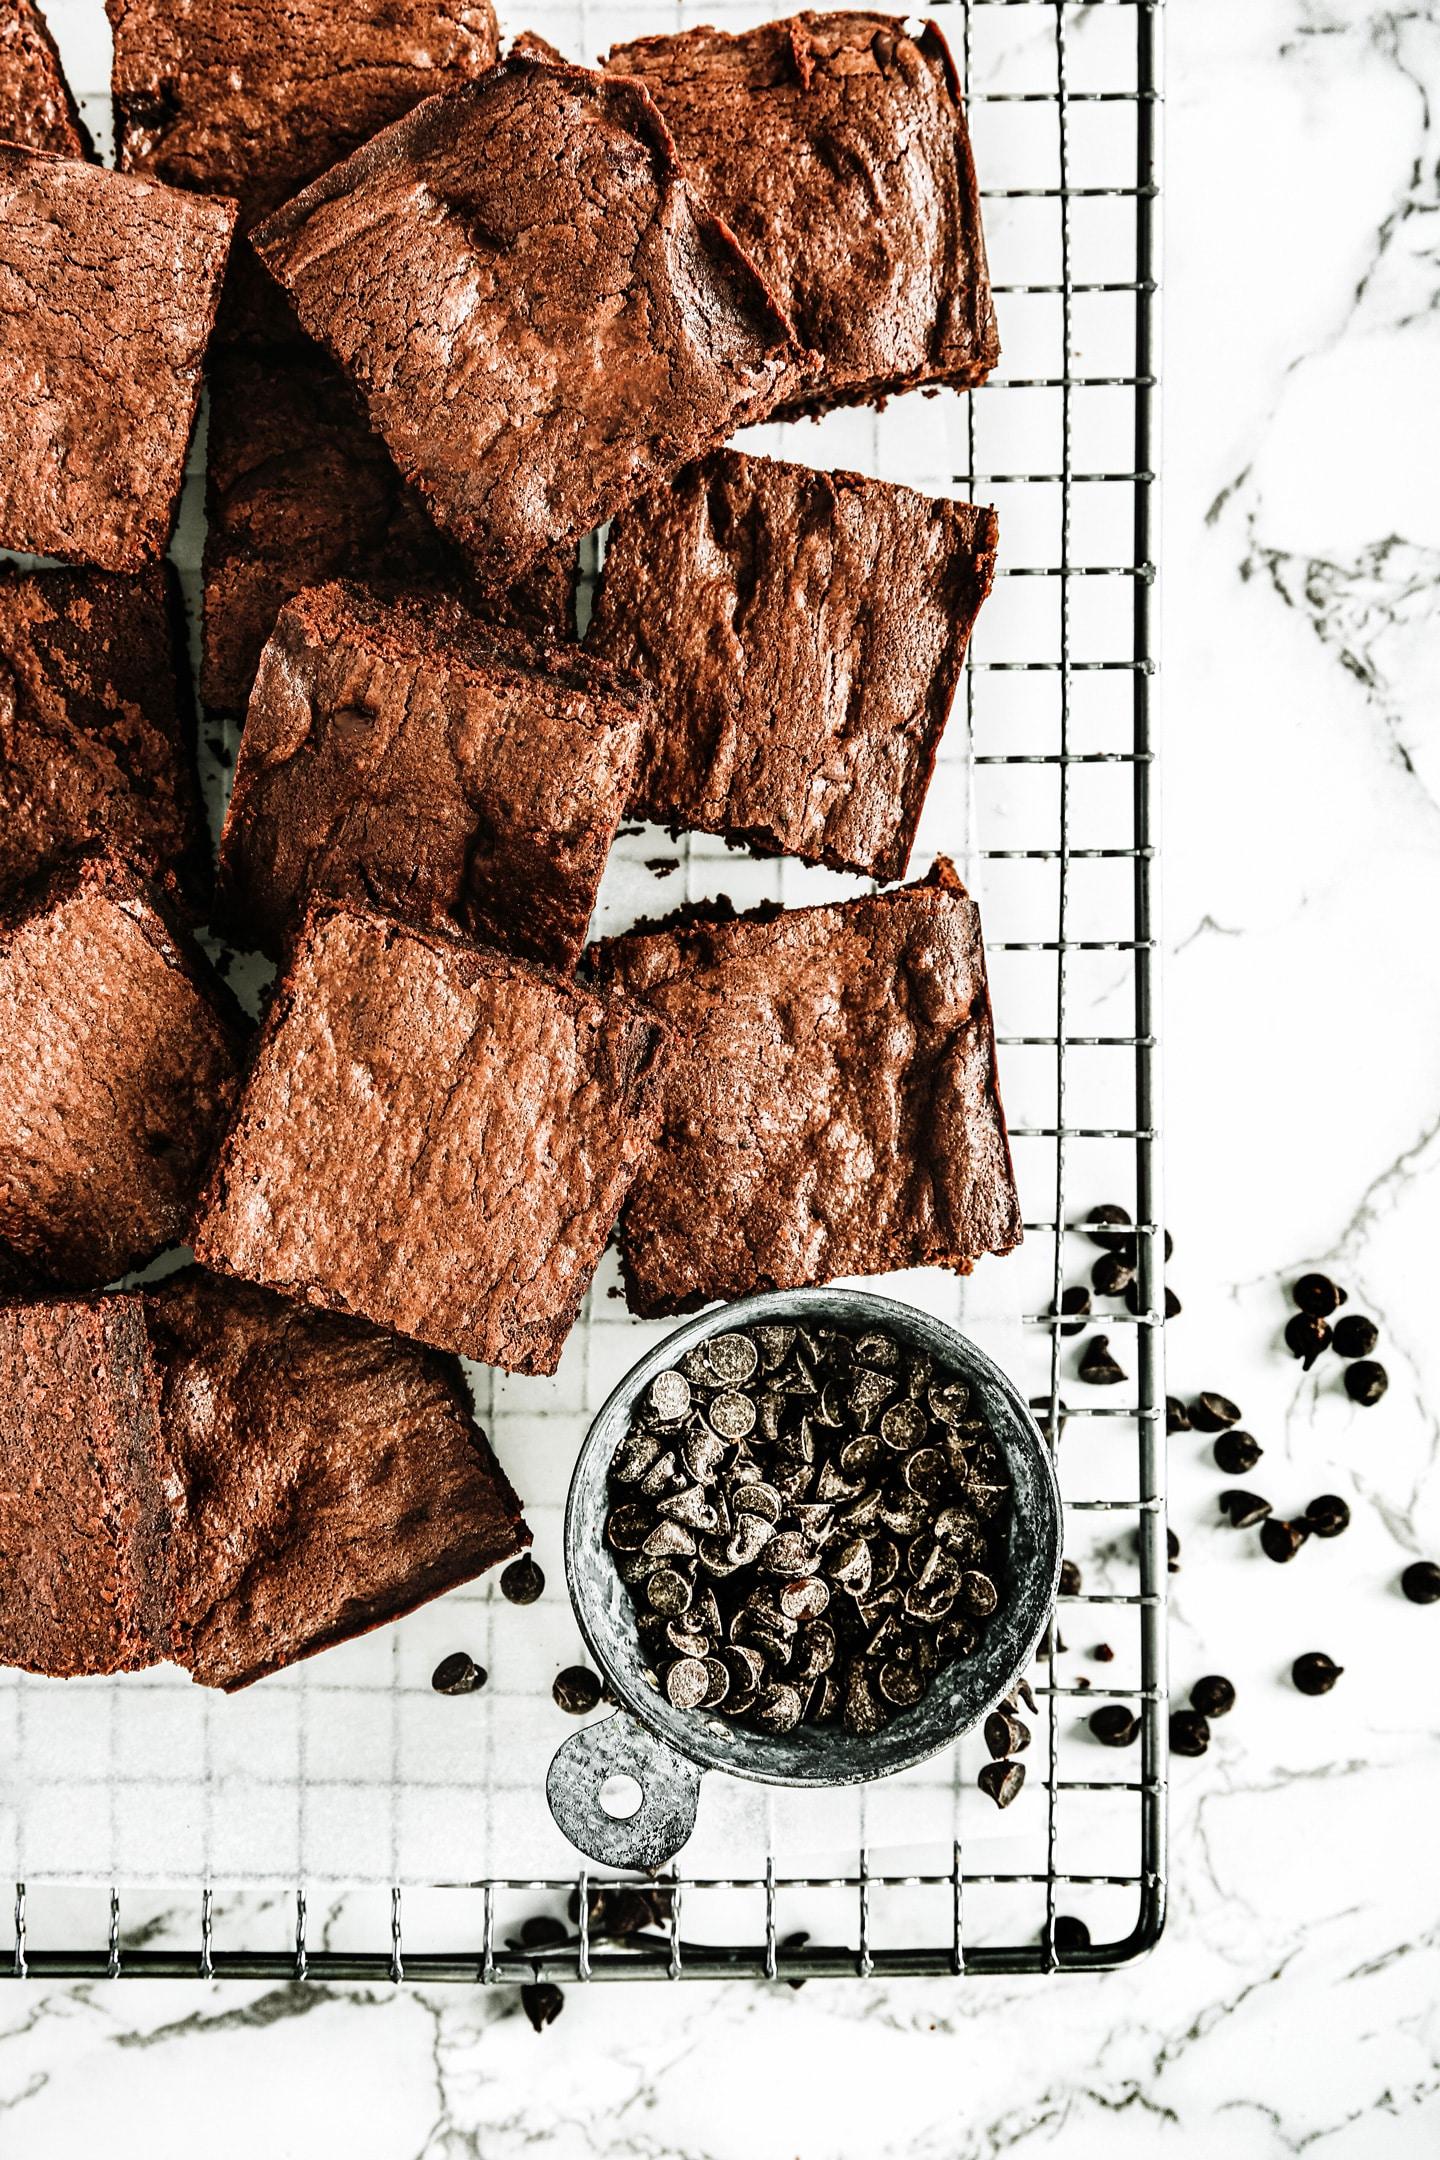 Recette facile du brownies au chocolat